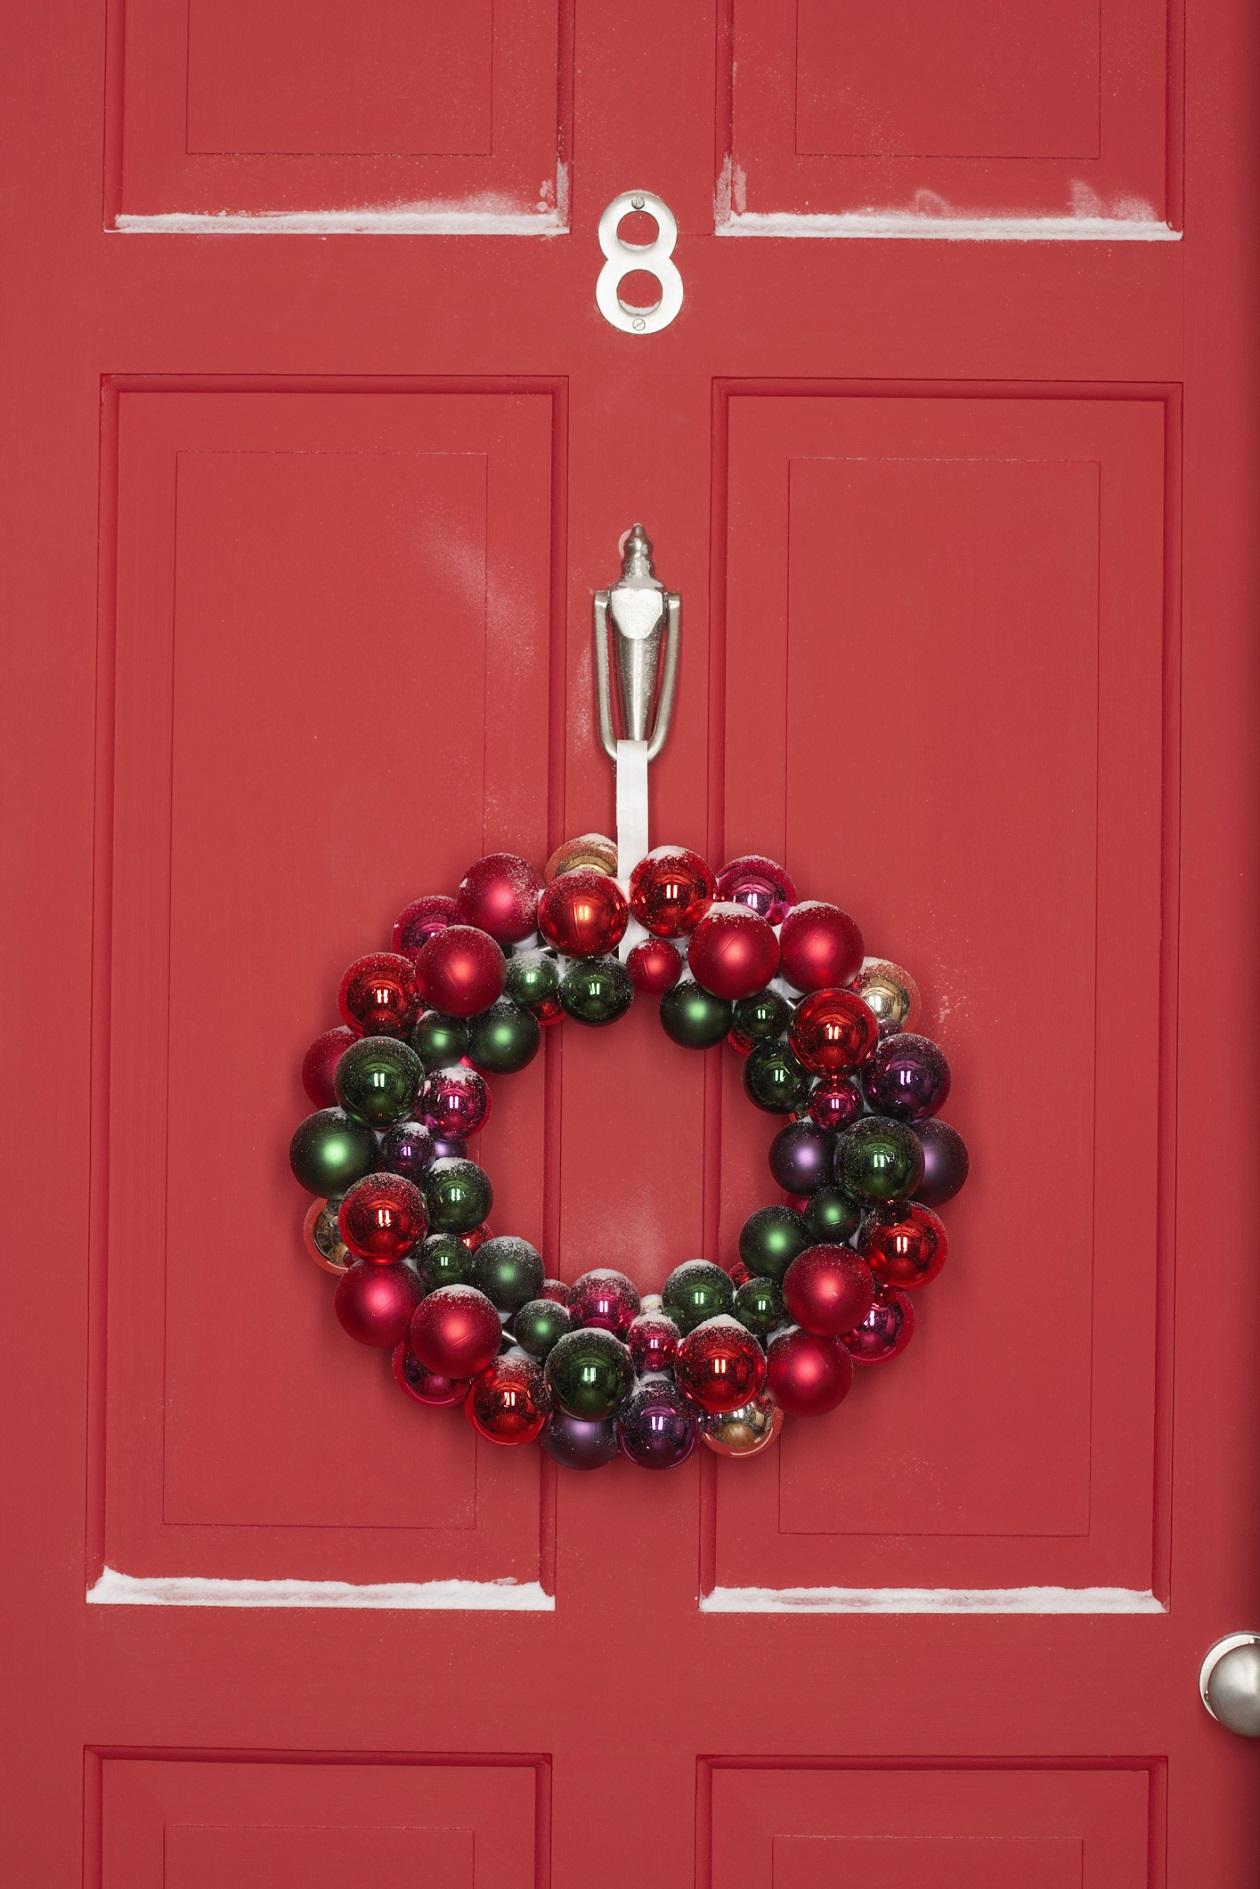 Puertas decoradas de navidad 2 1 - Decoracion de navidad para puertas ...